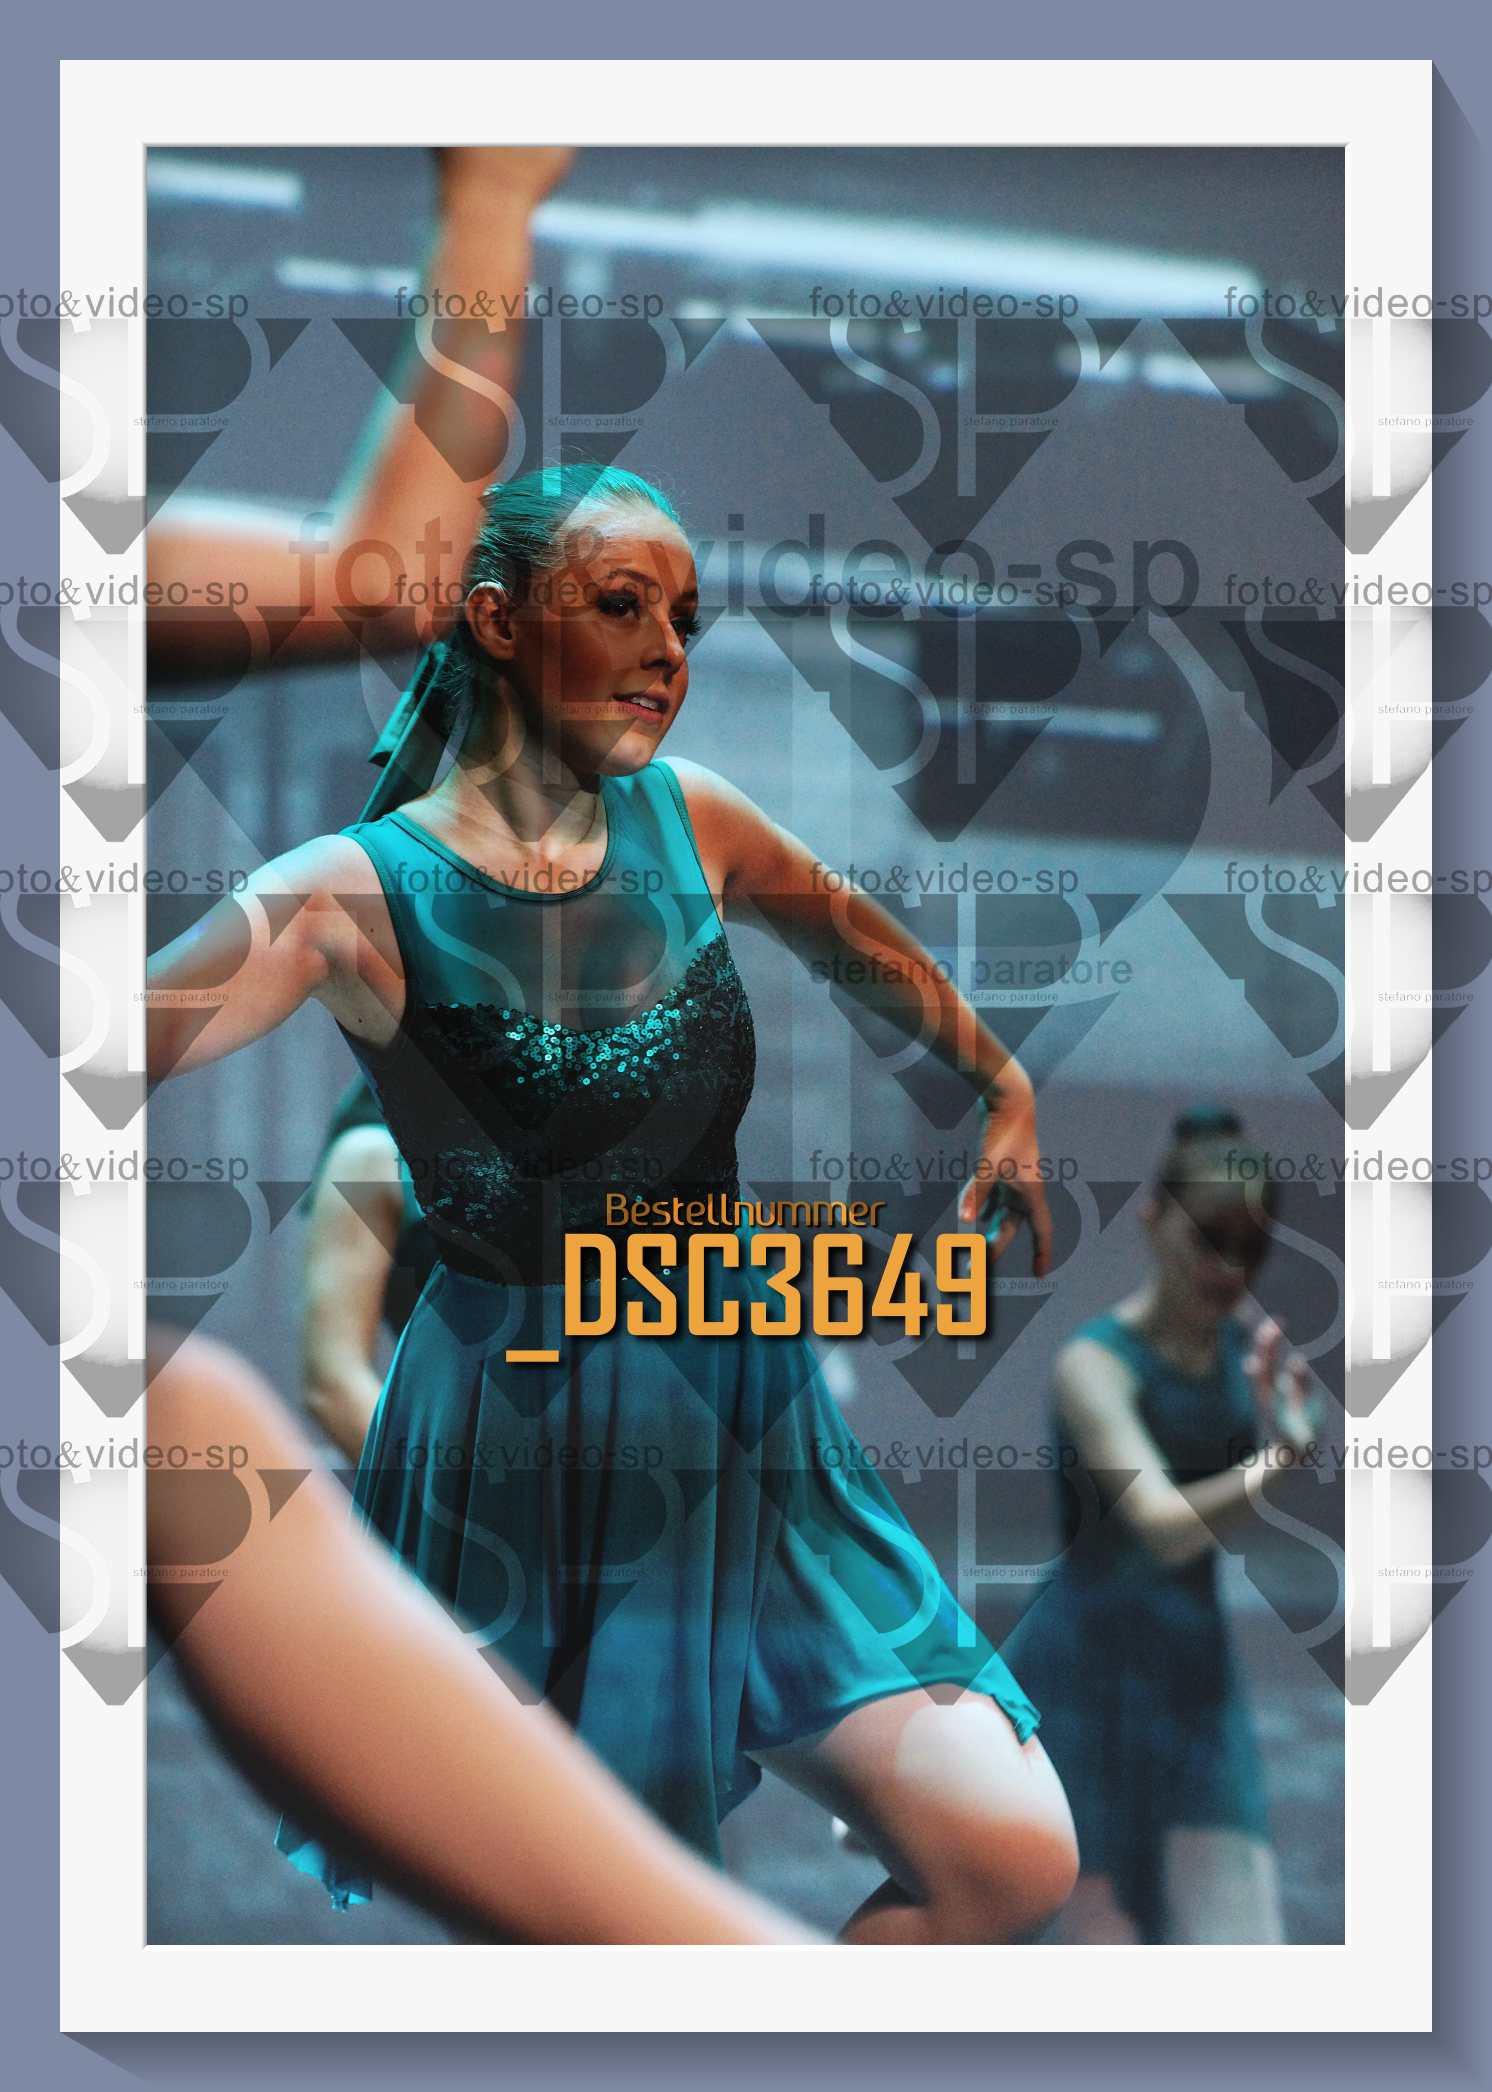 DSC3649